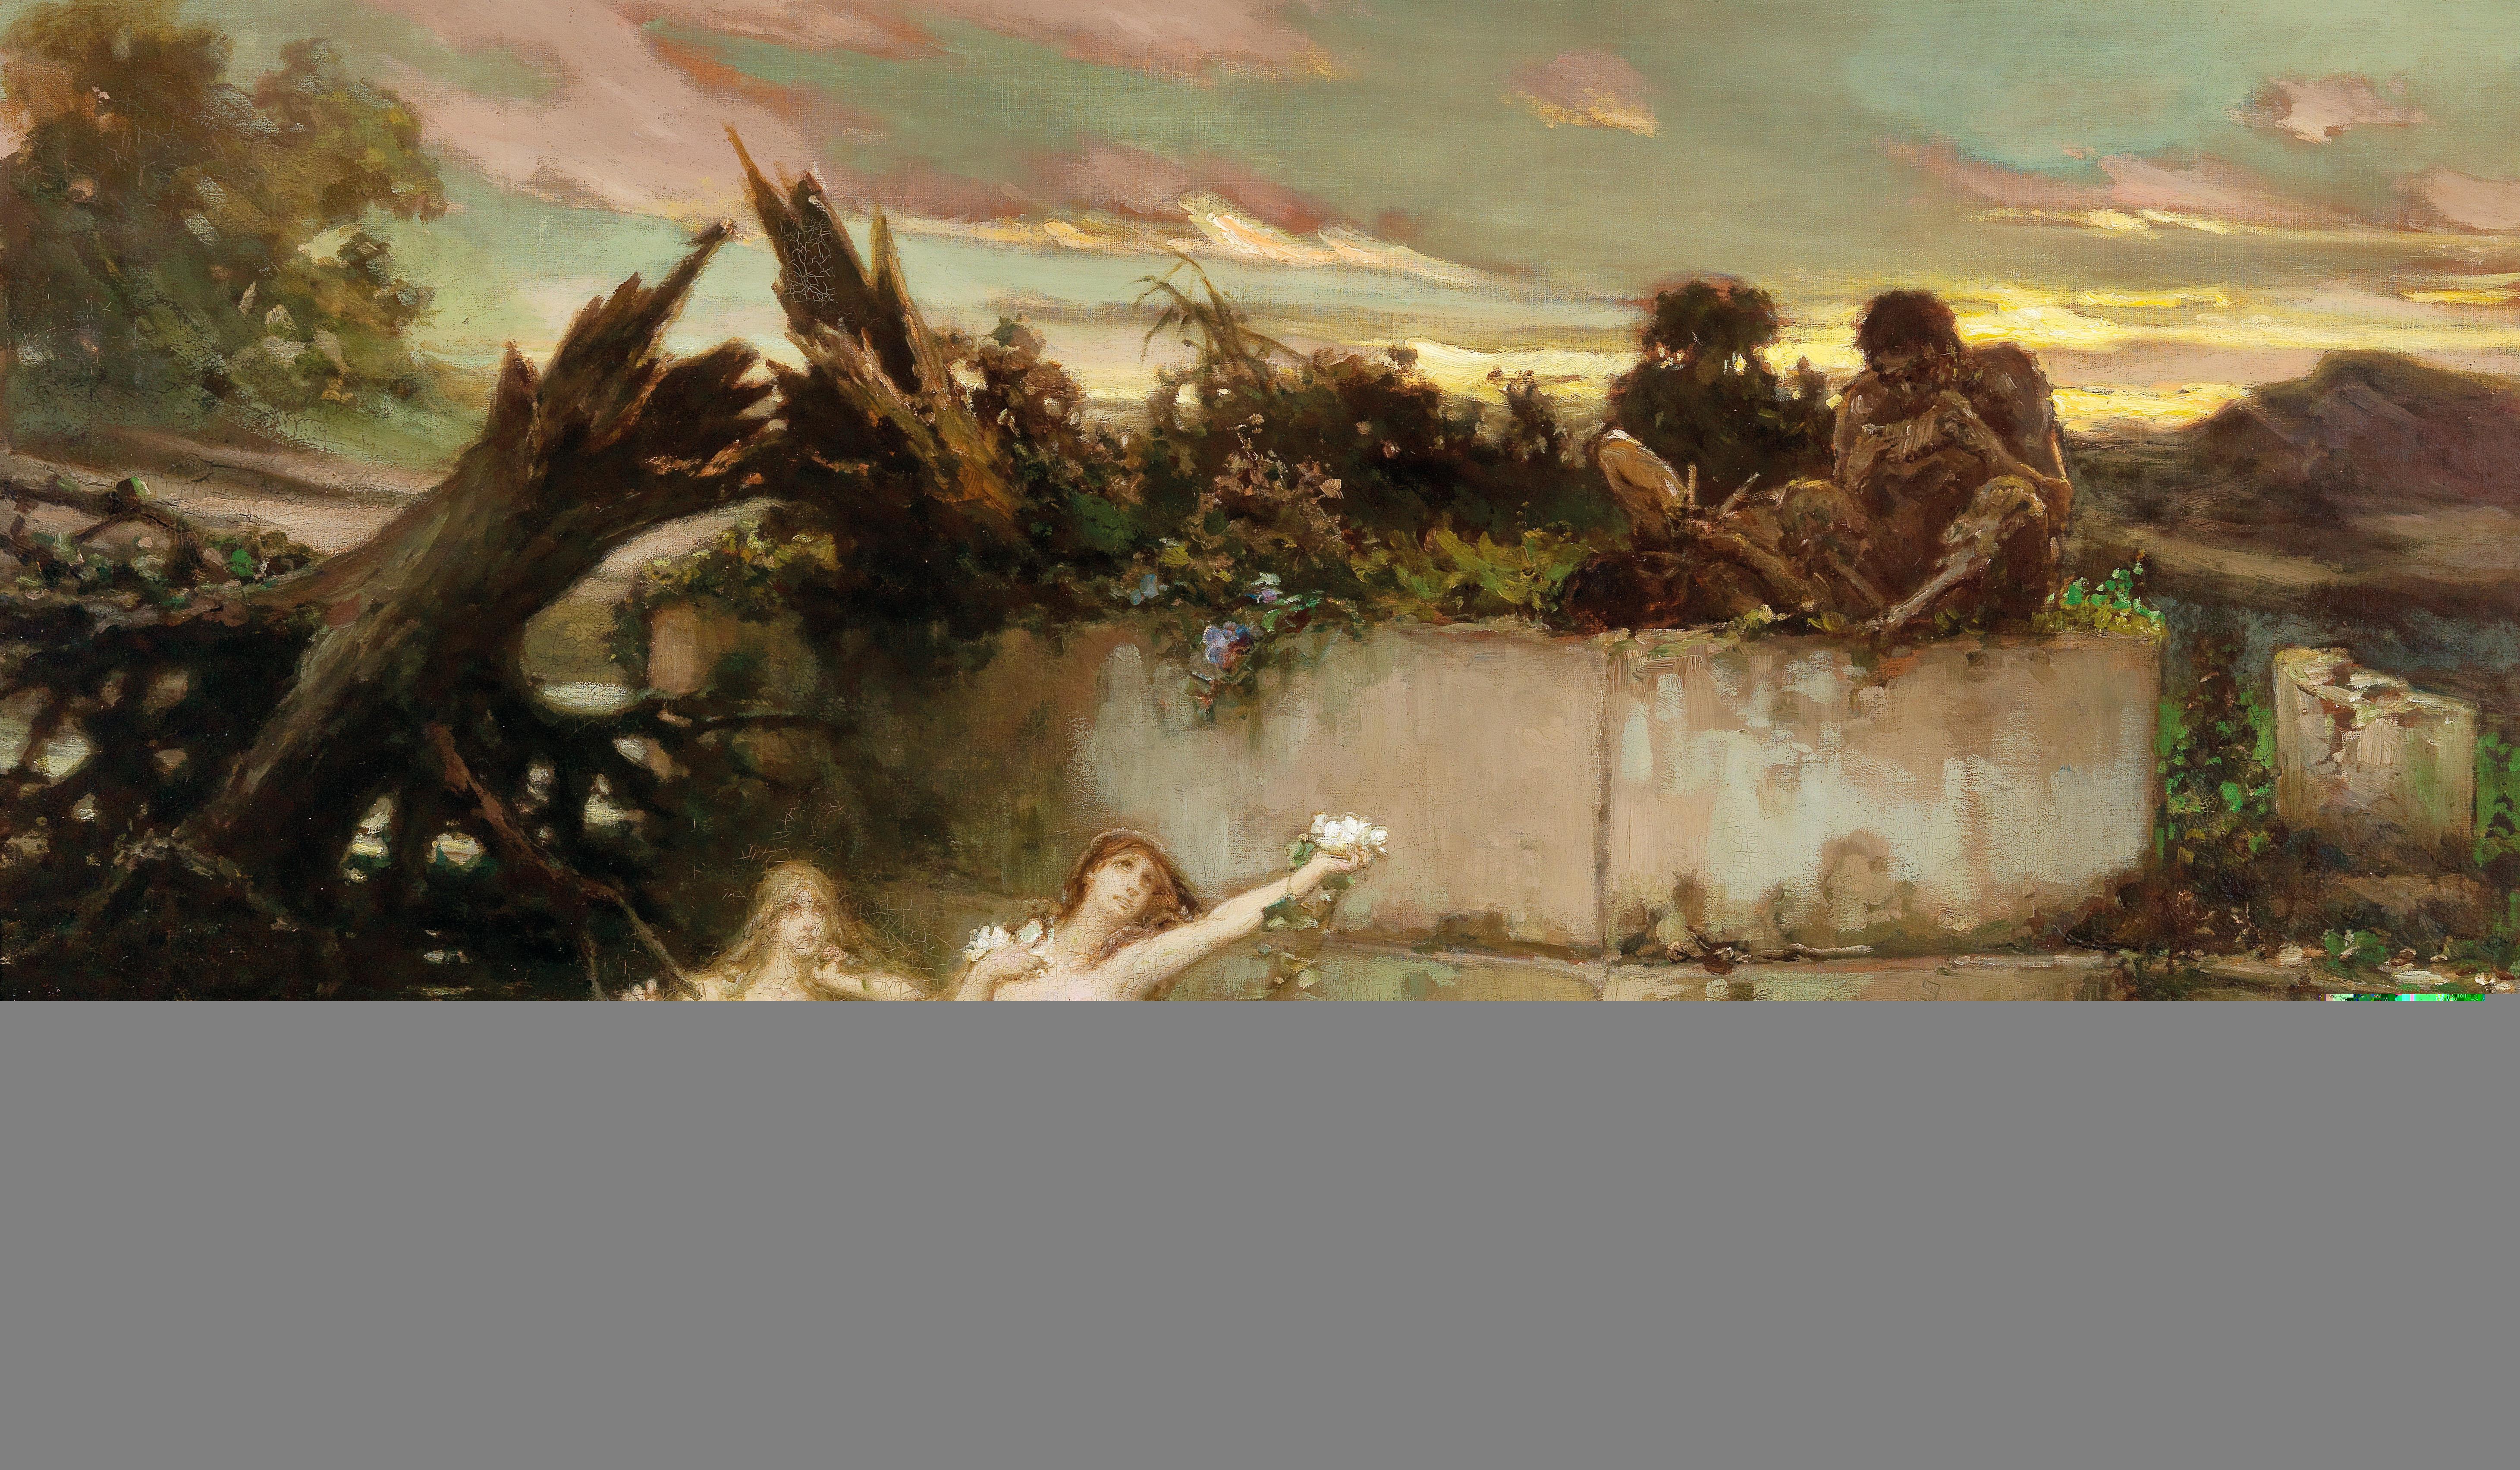 Wilhelm Kotarbinsky, Sonnenuntergang, Nereiden und Flöte spielender Faune in der Dämmerung, 1903, Schätzwert € 45.000 – 65.000